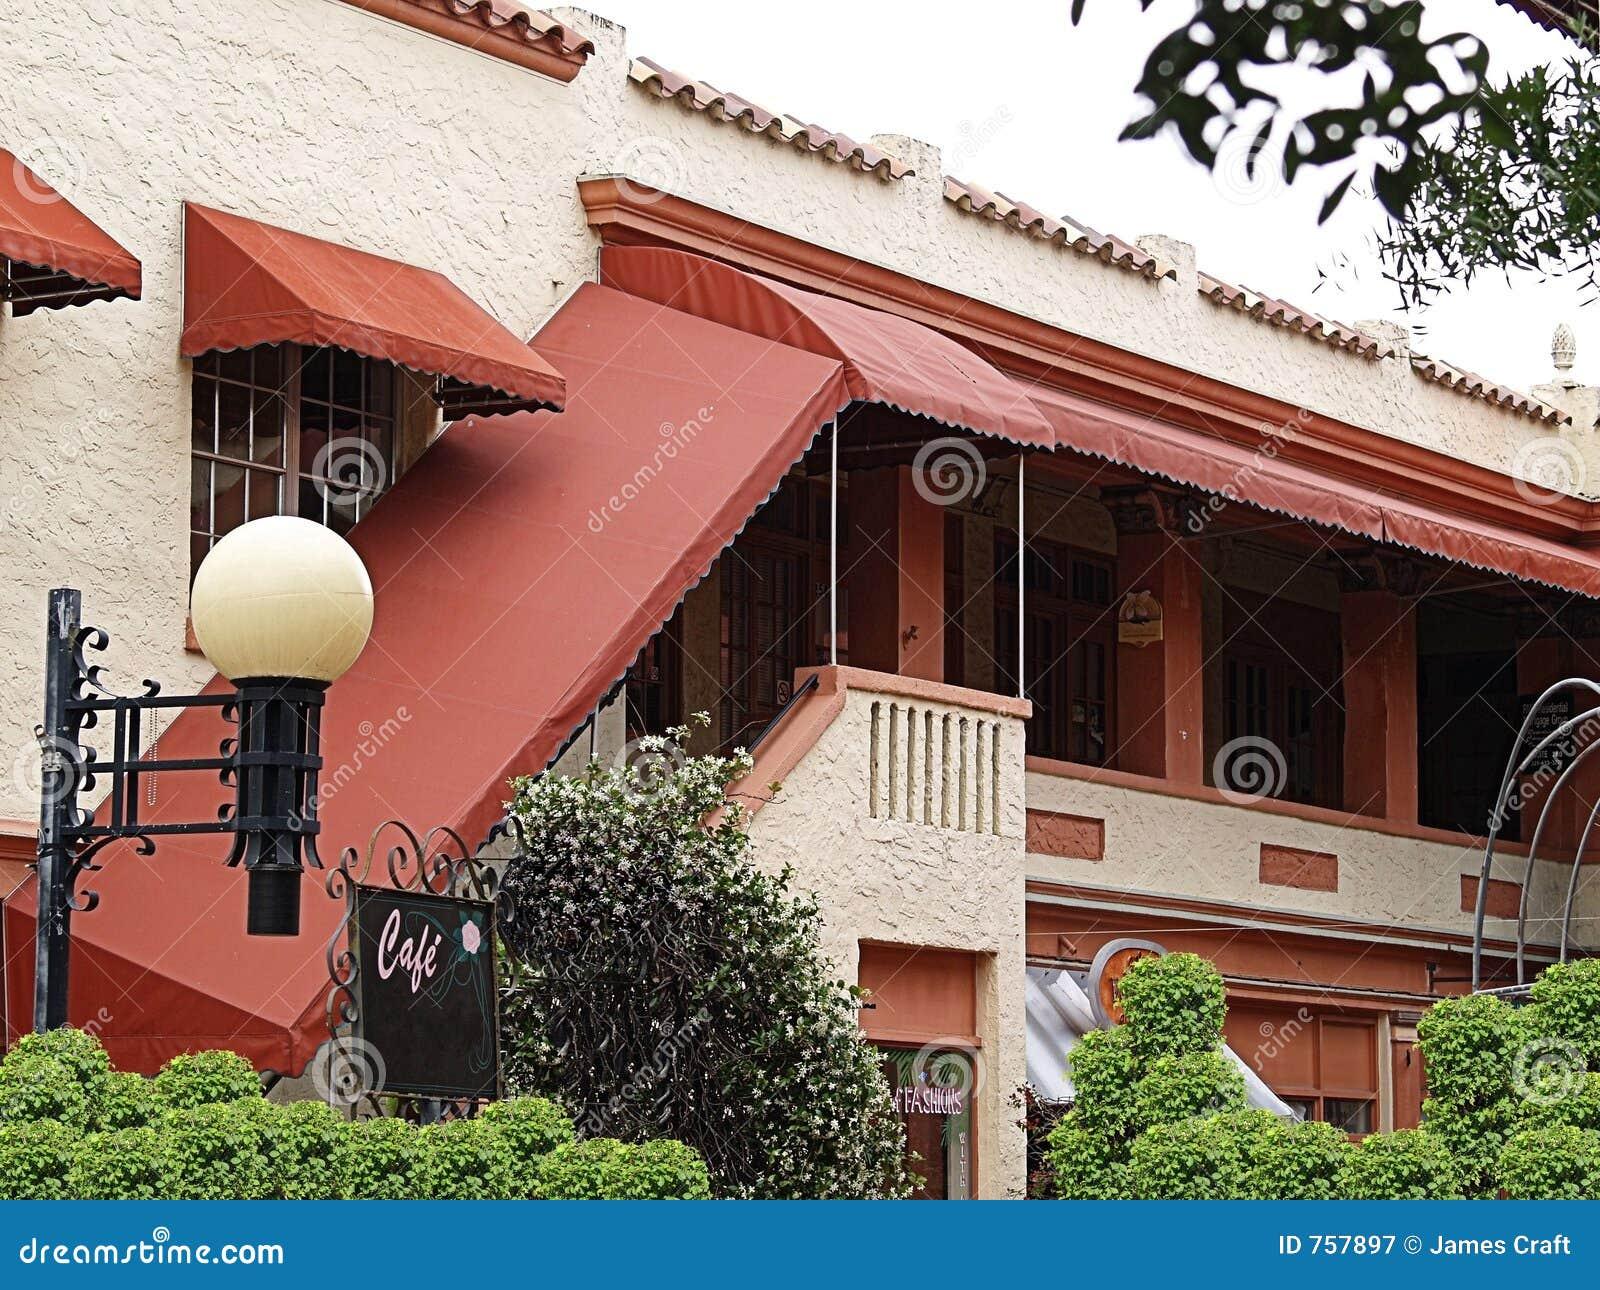 Edifício espanhol na vila quaint